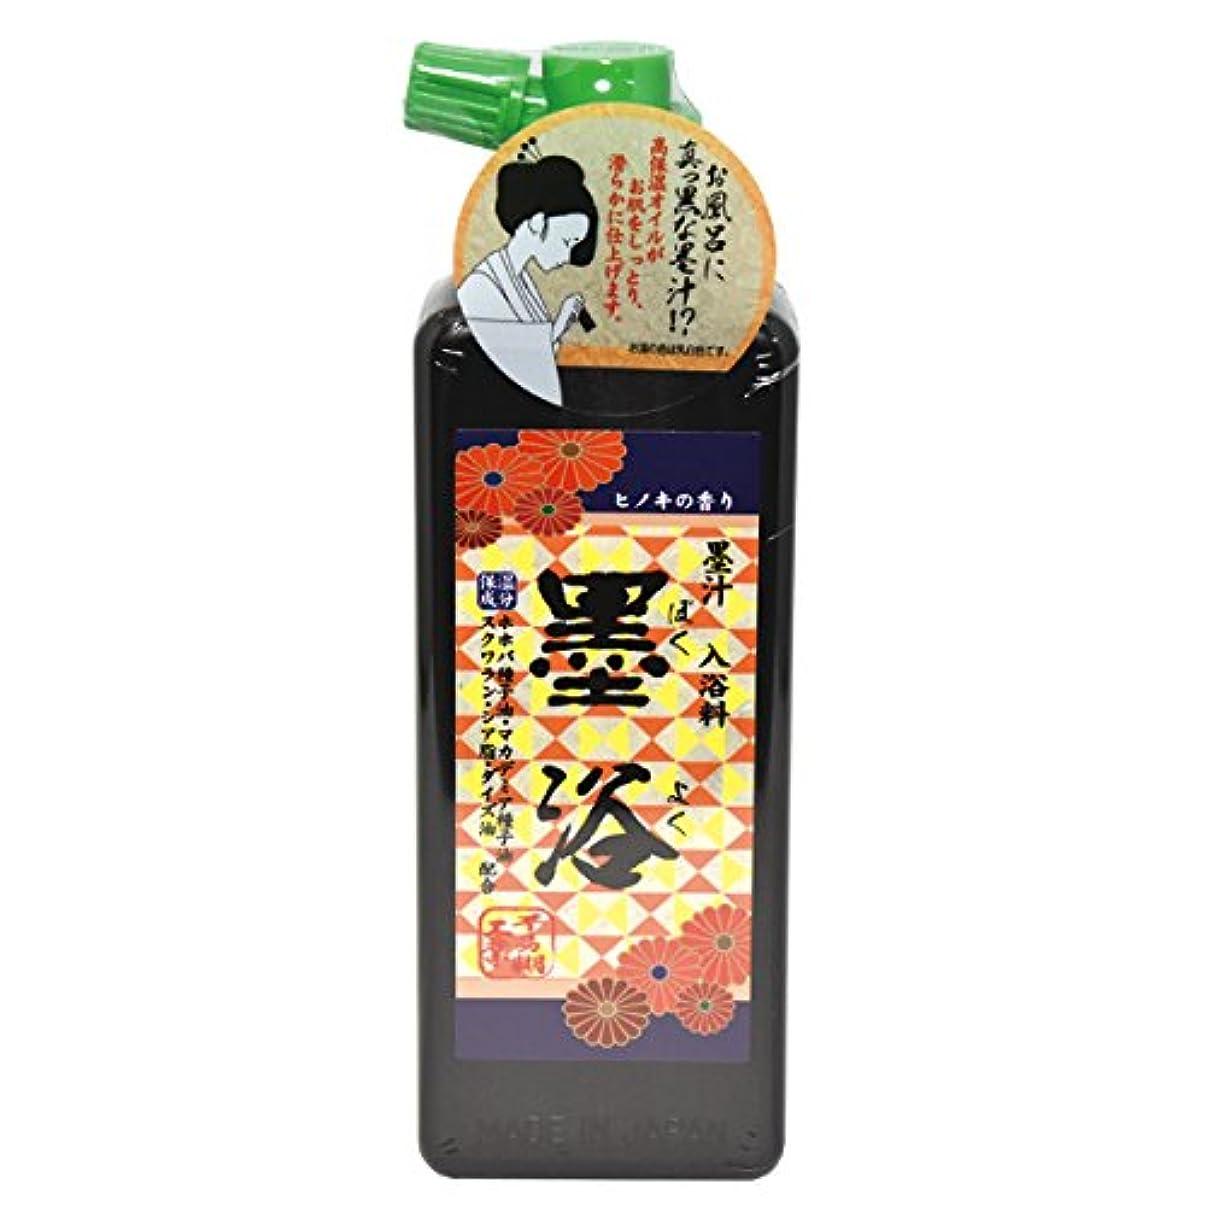 しおれた剛性汚染する墨浴 ぼくよく 入浴料 ヒノキの香り 不易糊工業 BY20